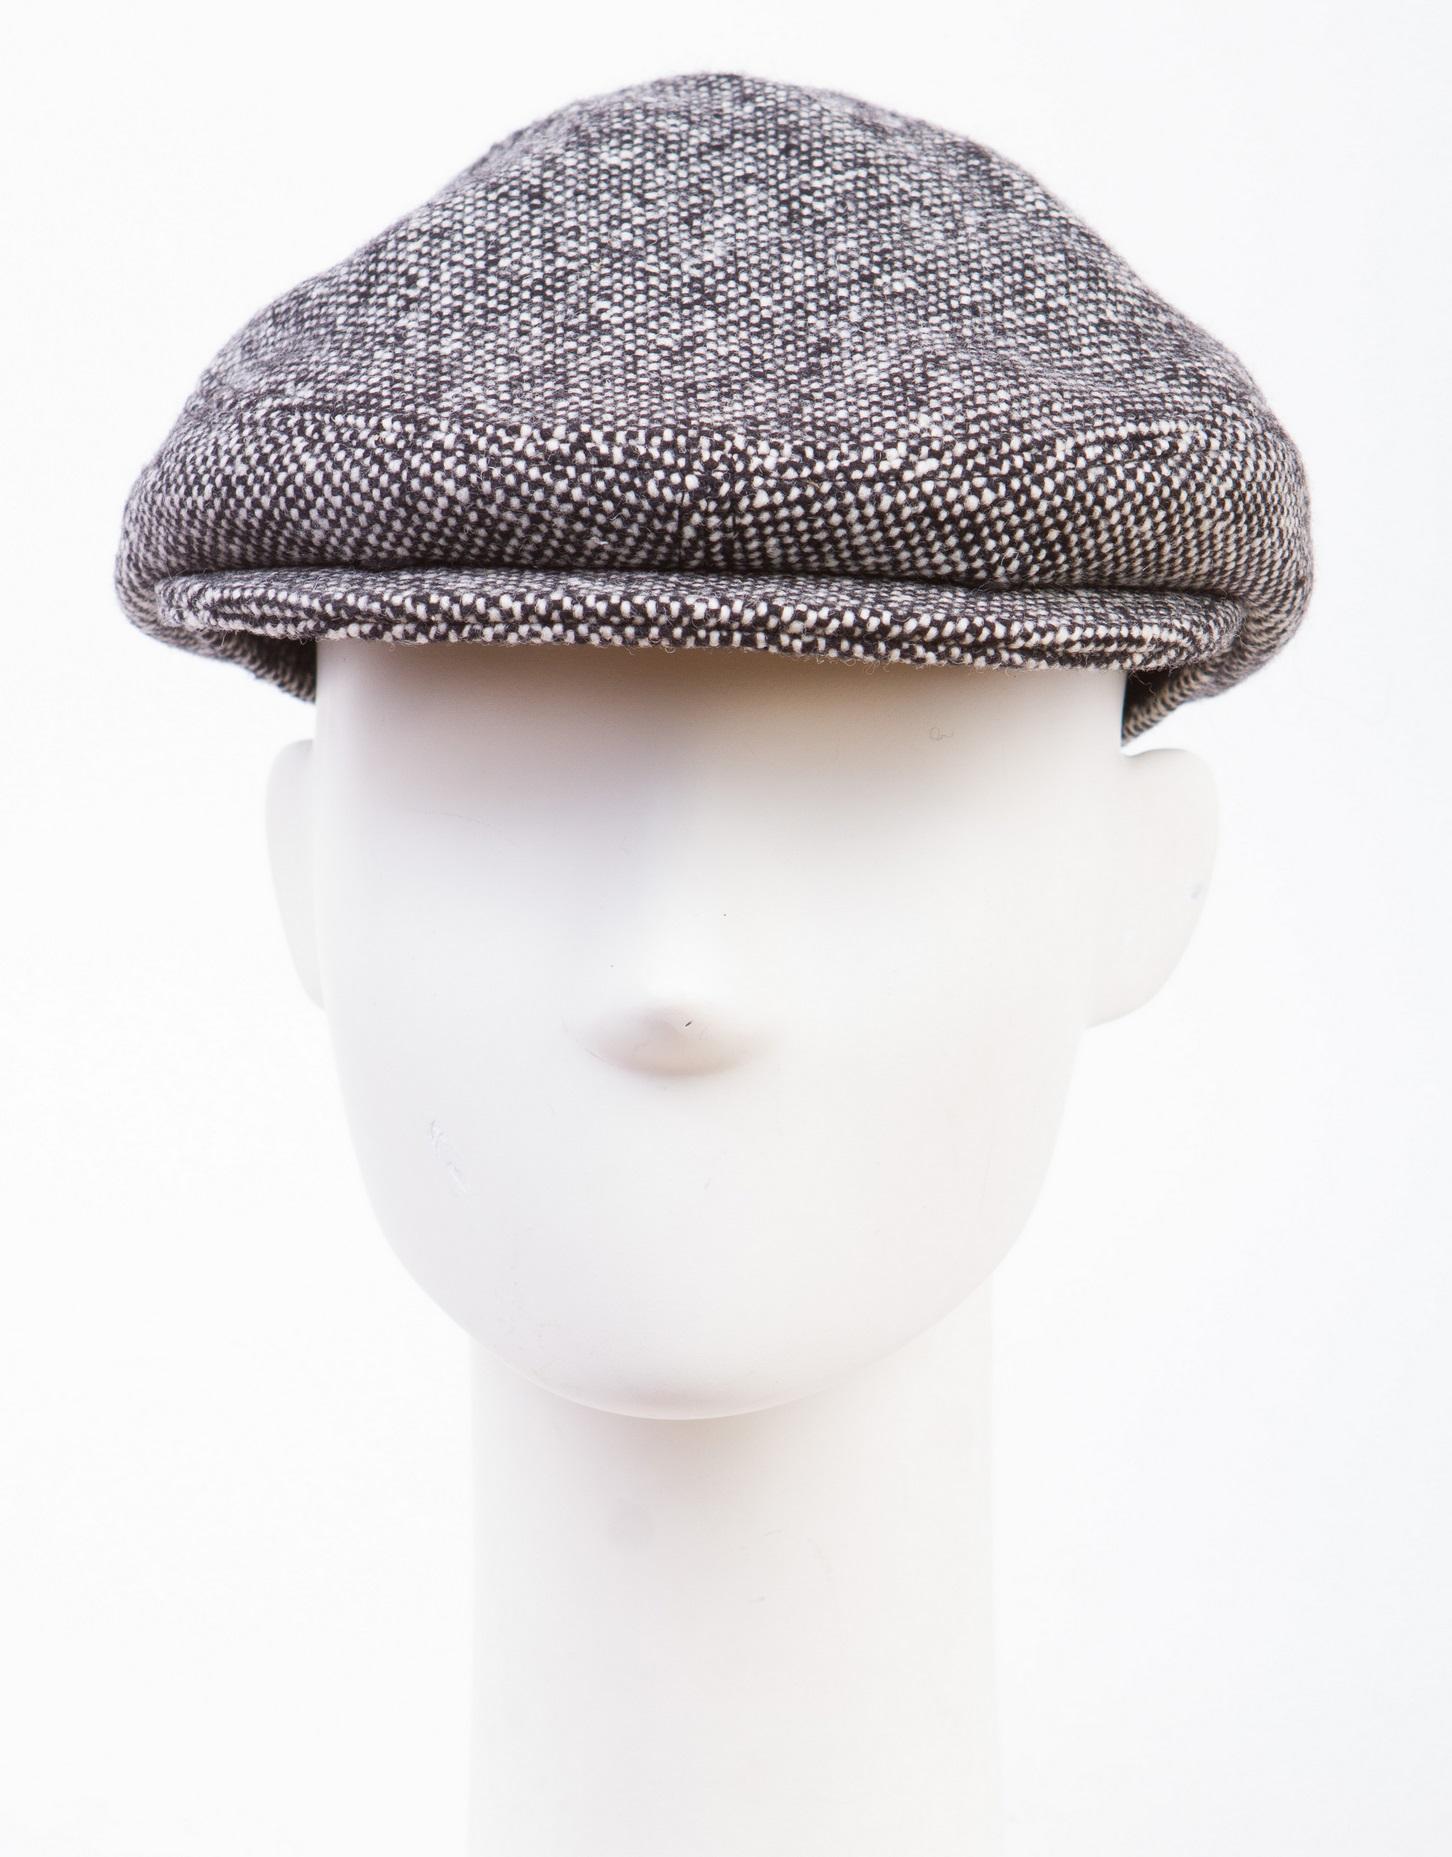 Кепка мужская из текстиля, без отделки